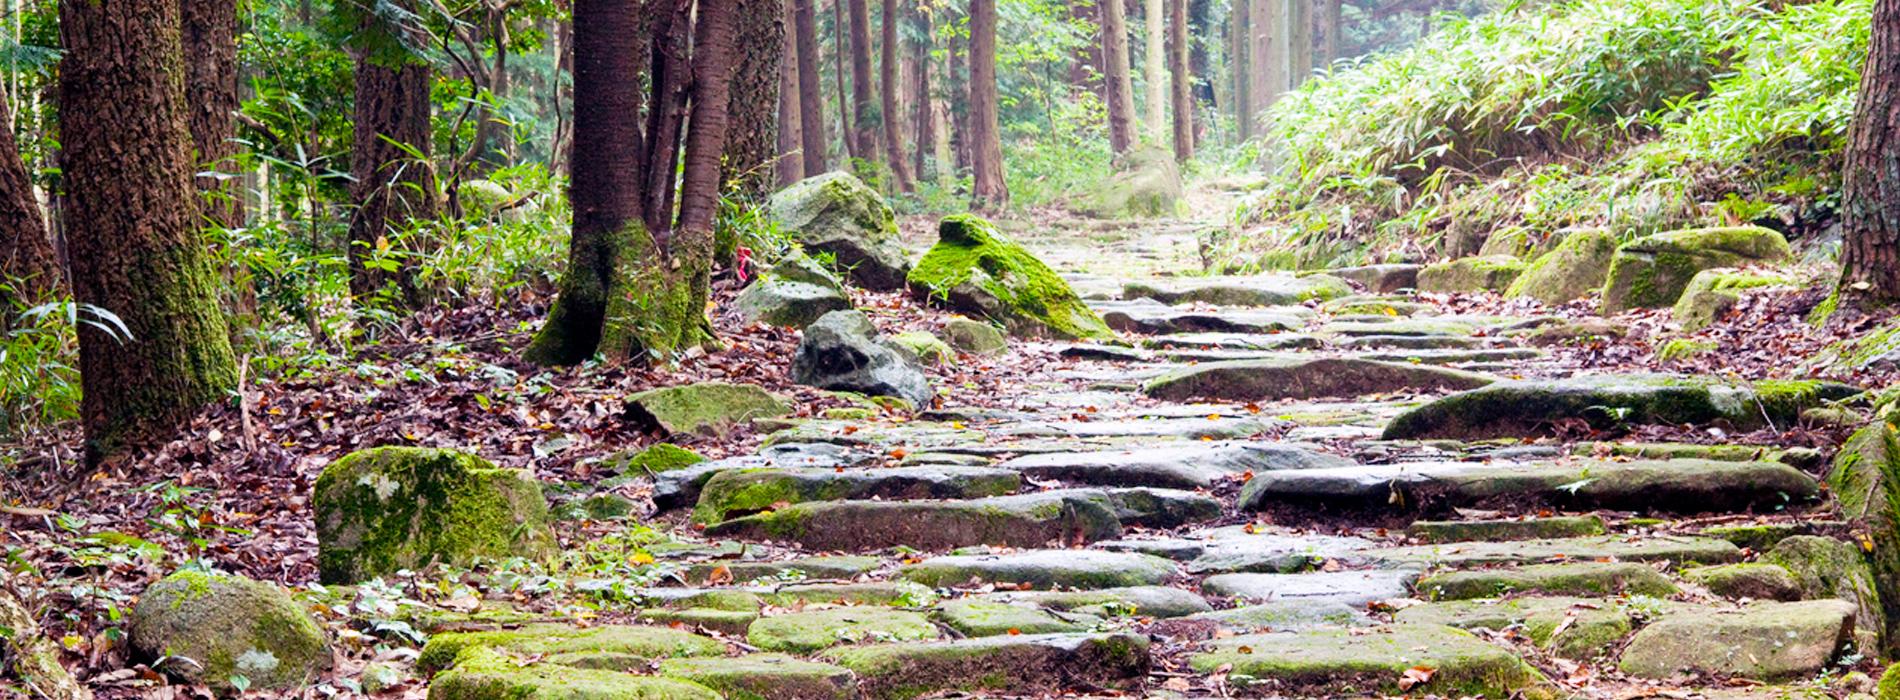 観光タクシー,大湫宿の古い町並みと琵琶峠散策コース,平和コーポレーション株式会社